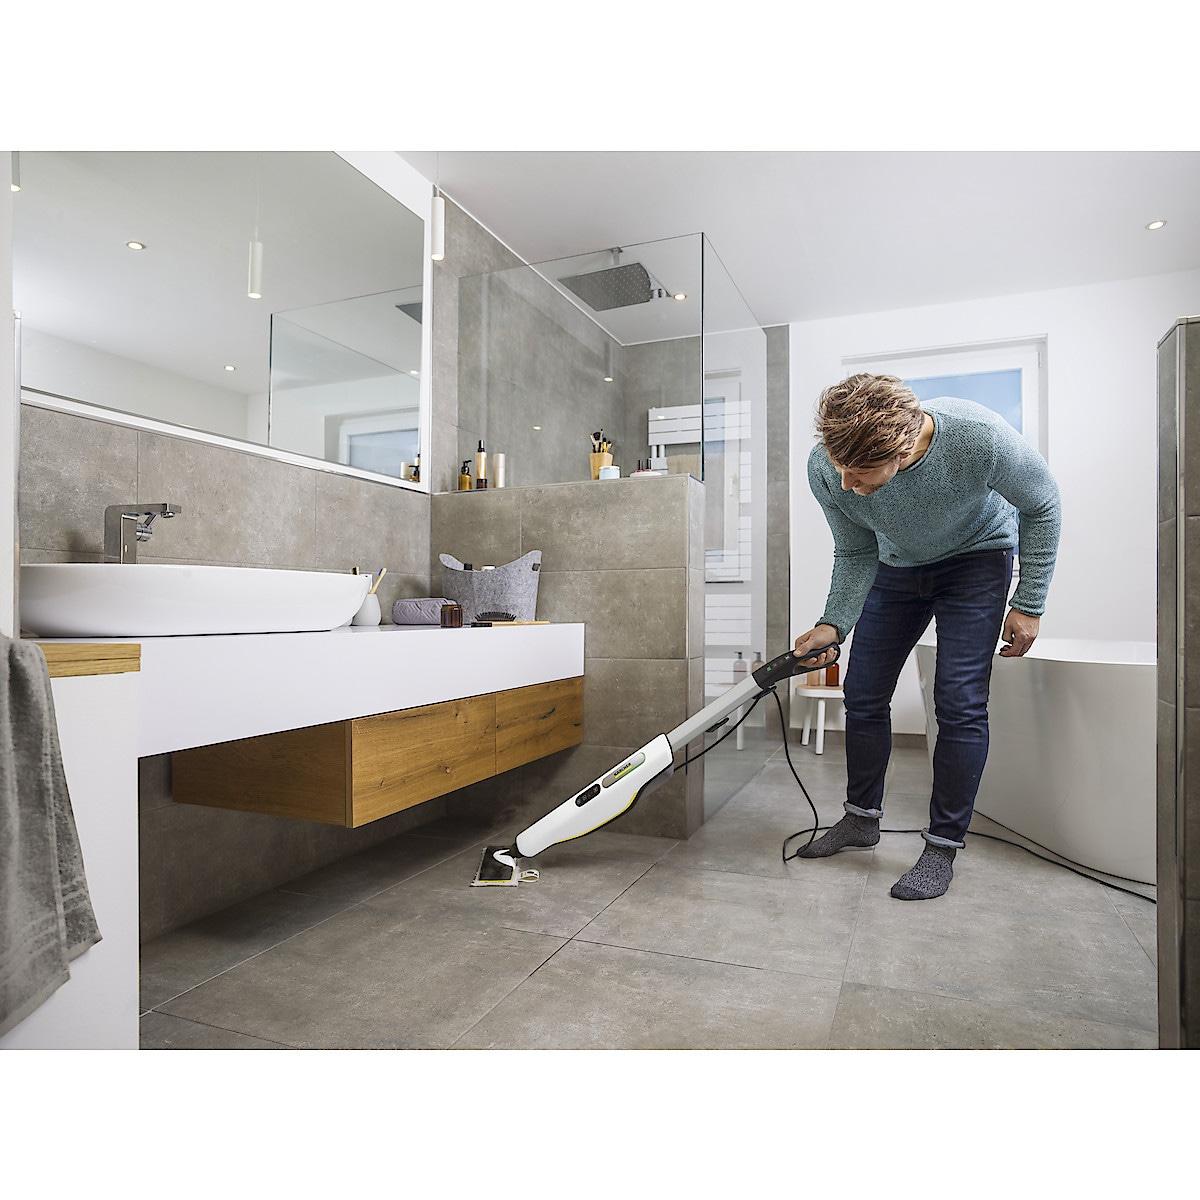 Ångtvätt Kärcher SC 3 Upright Easyfix Premium